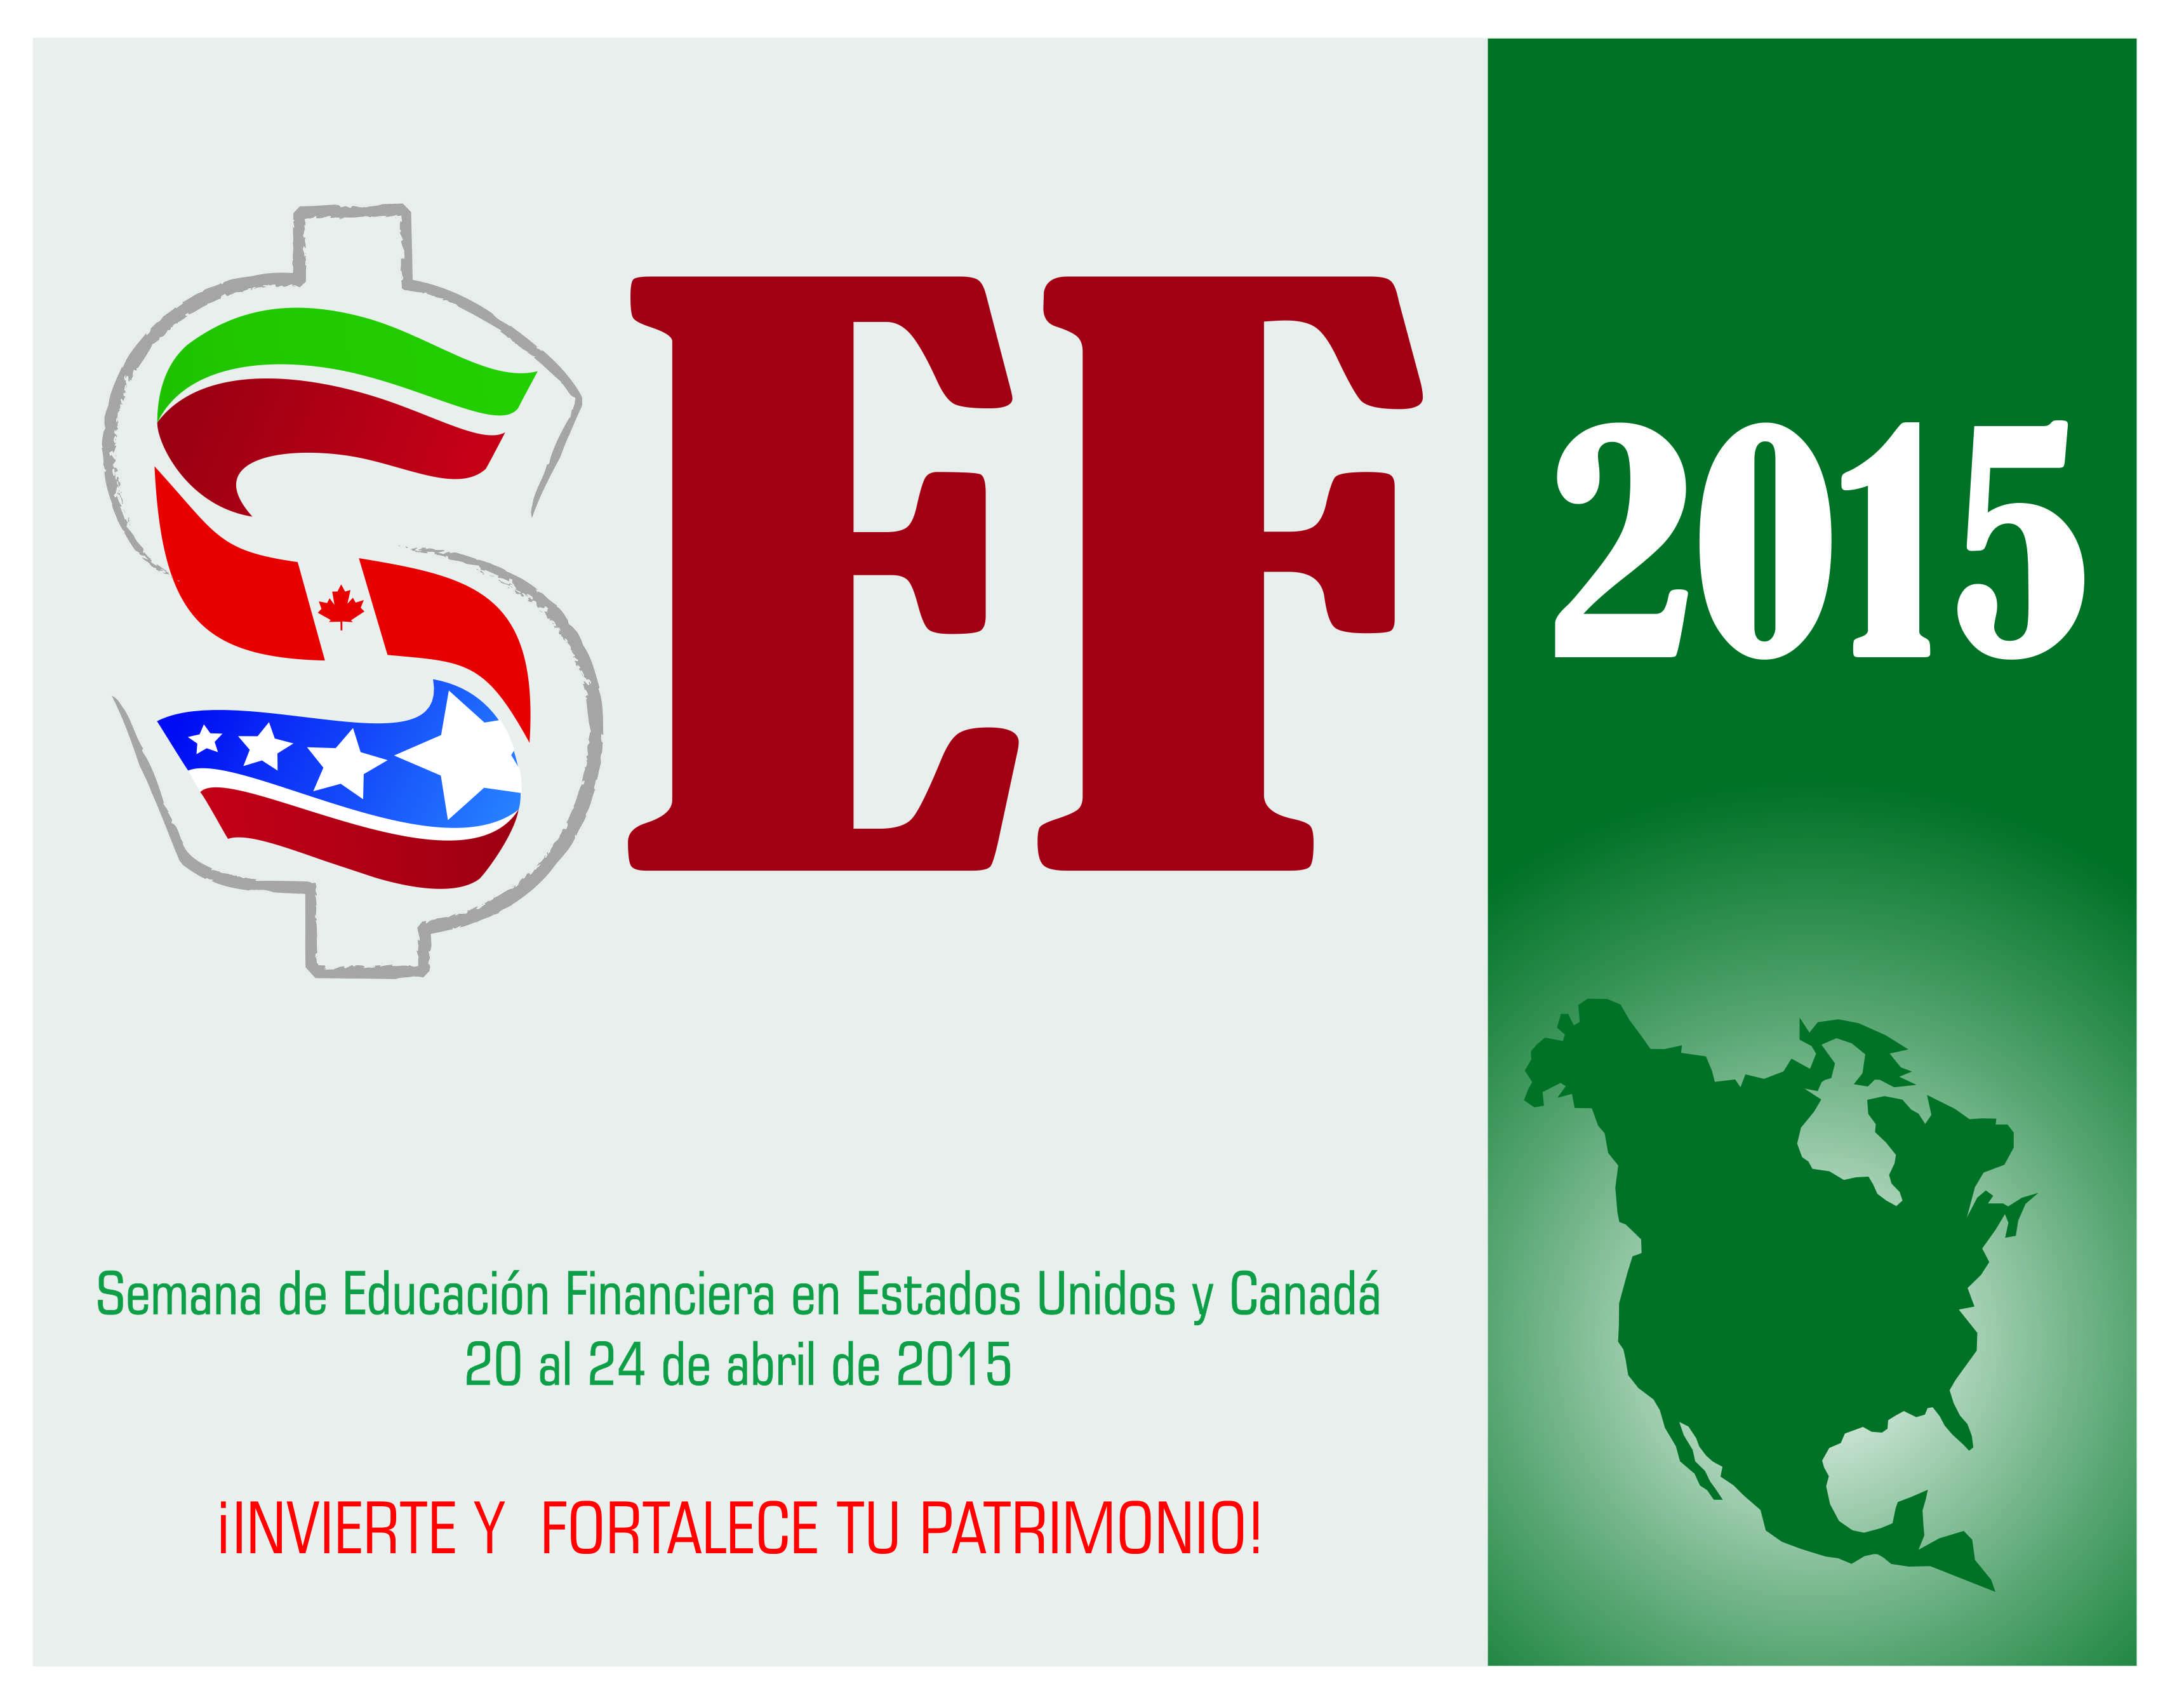 SEF 2015